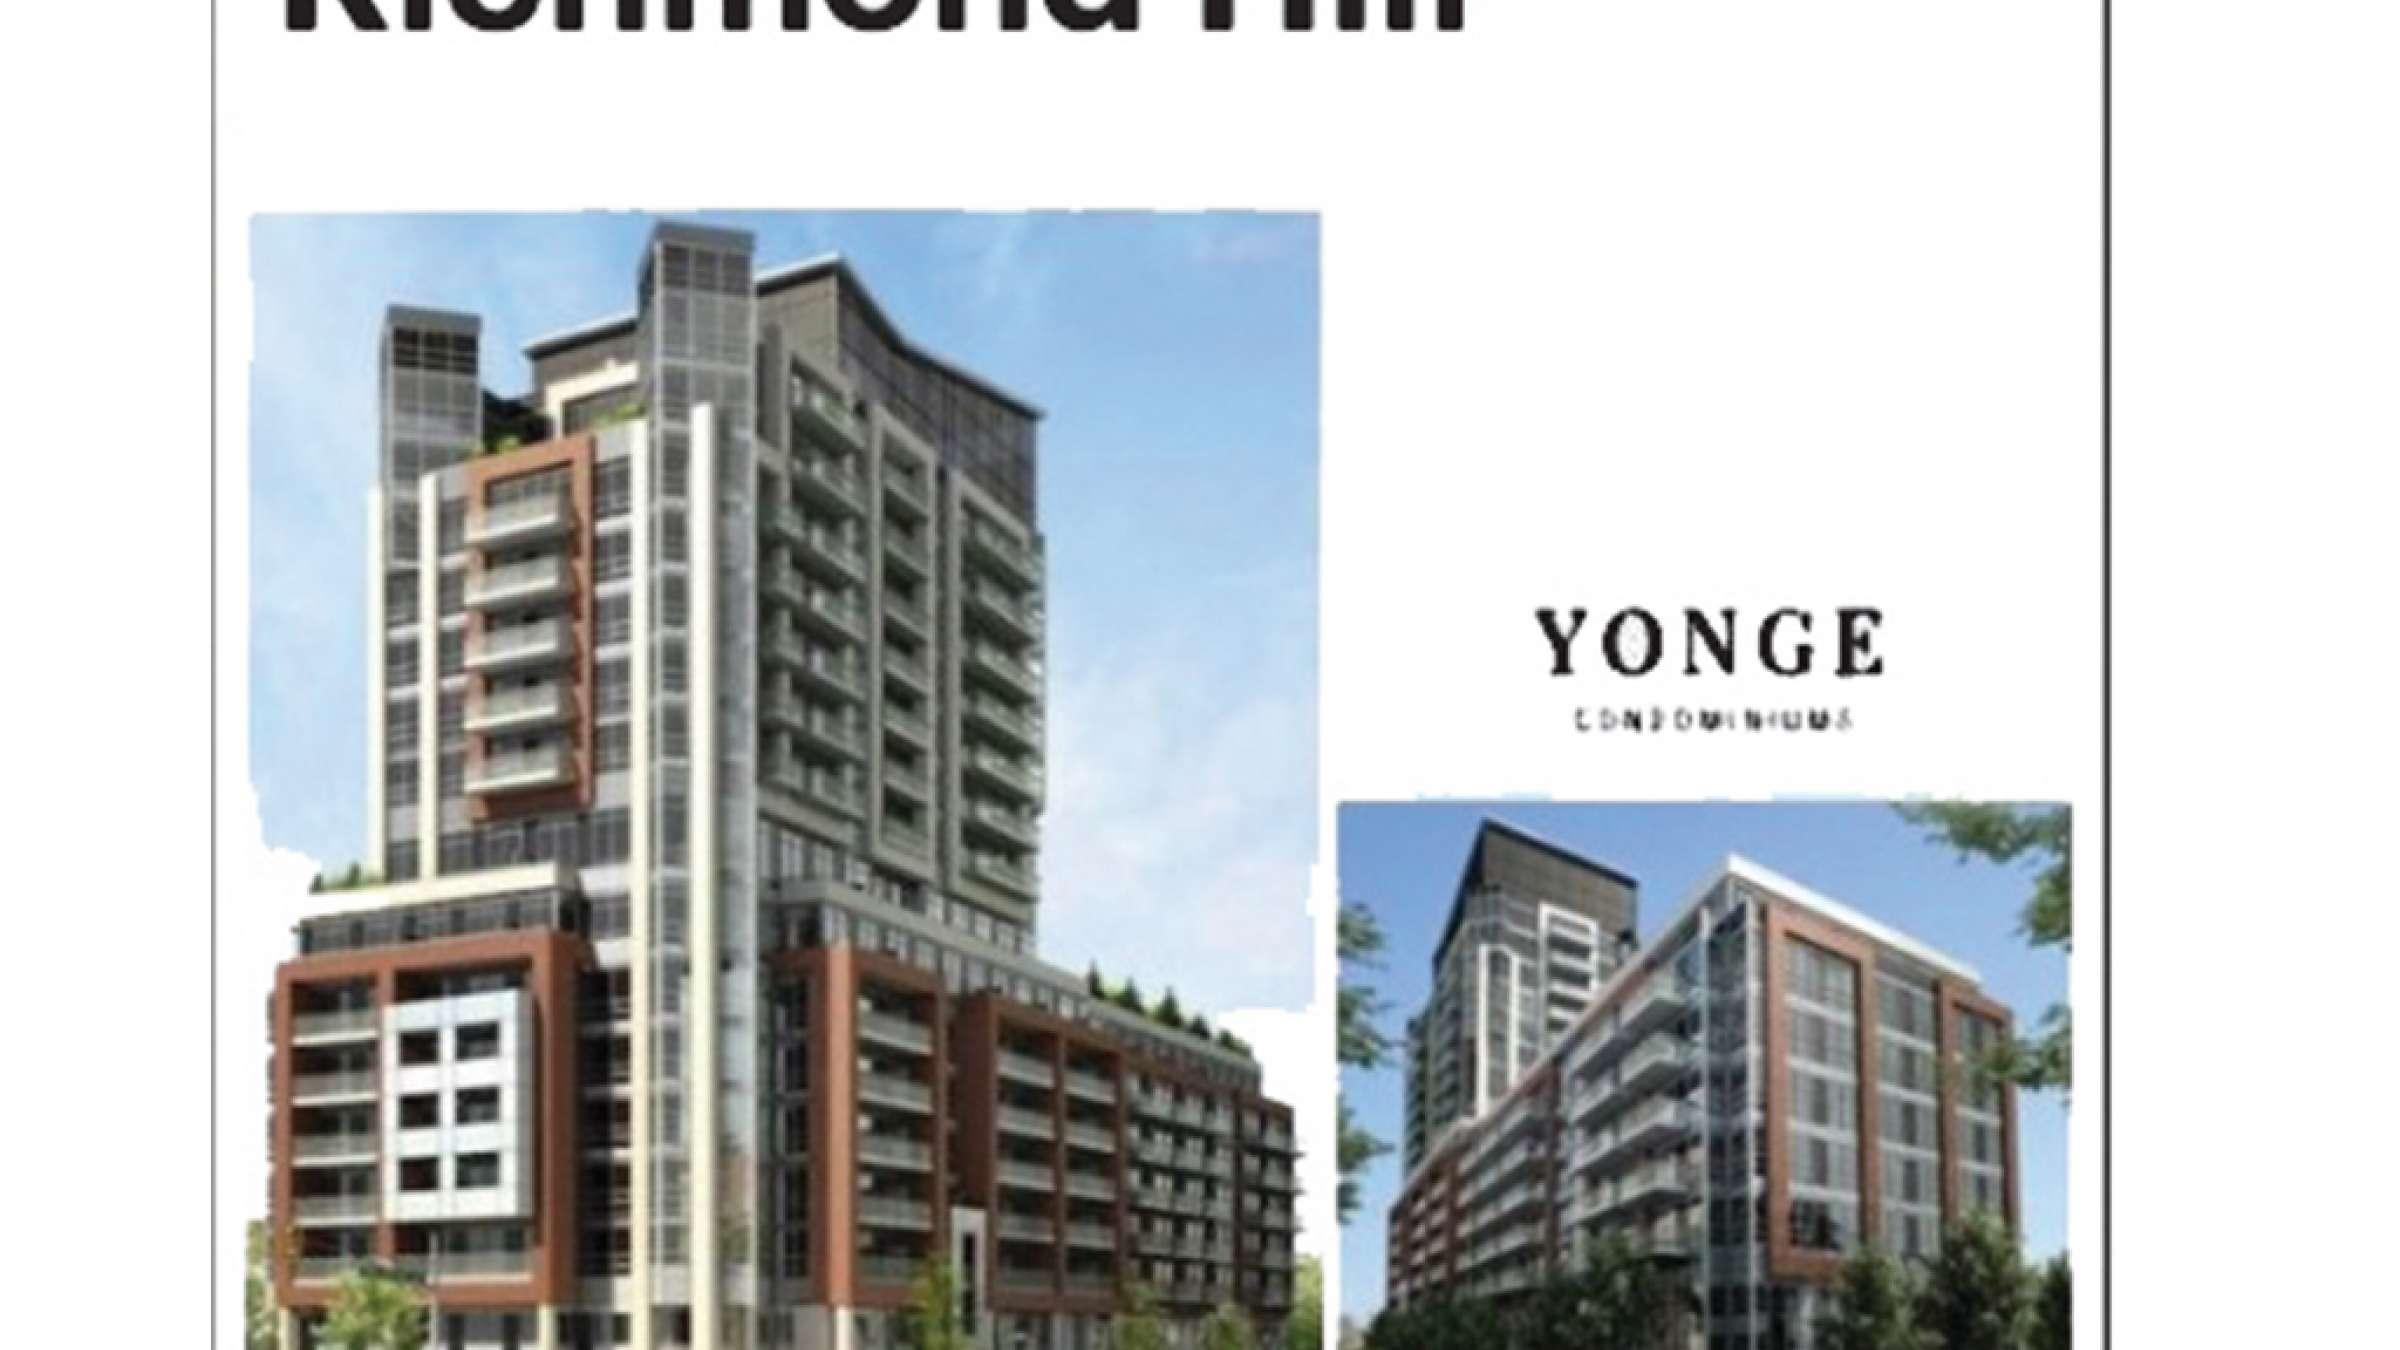 املاک-سیروسی-پیشفروش-آپارتمان-در-خیابان-یانگ-تورنهیل